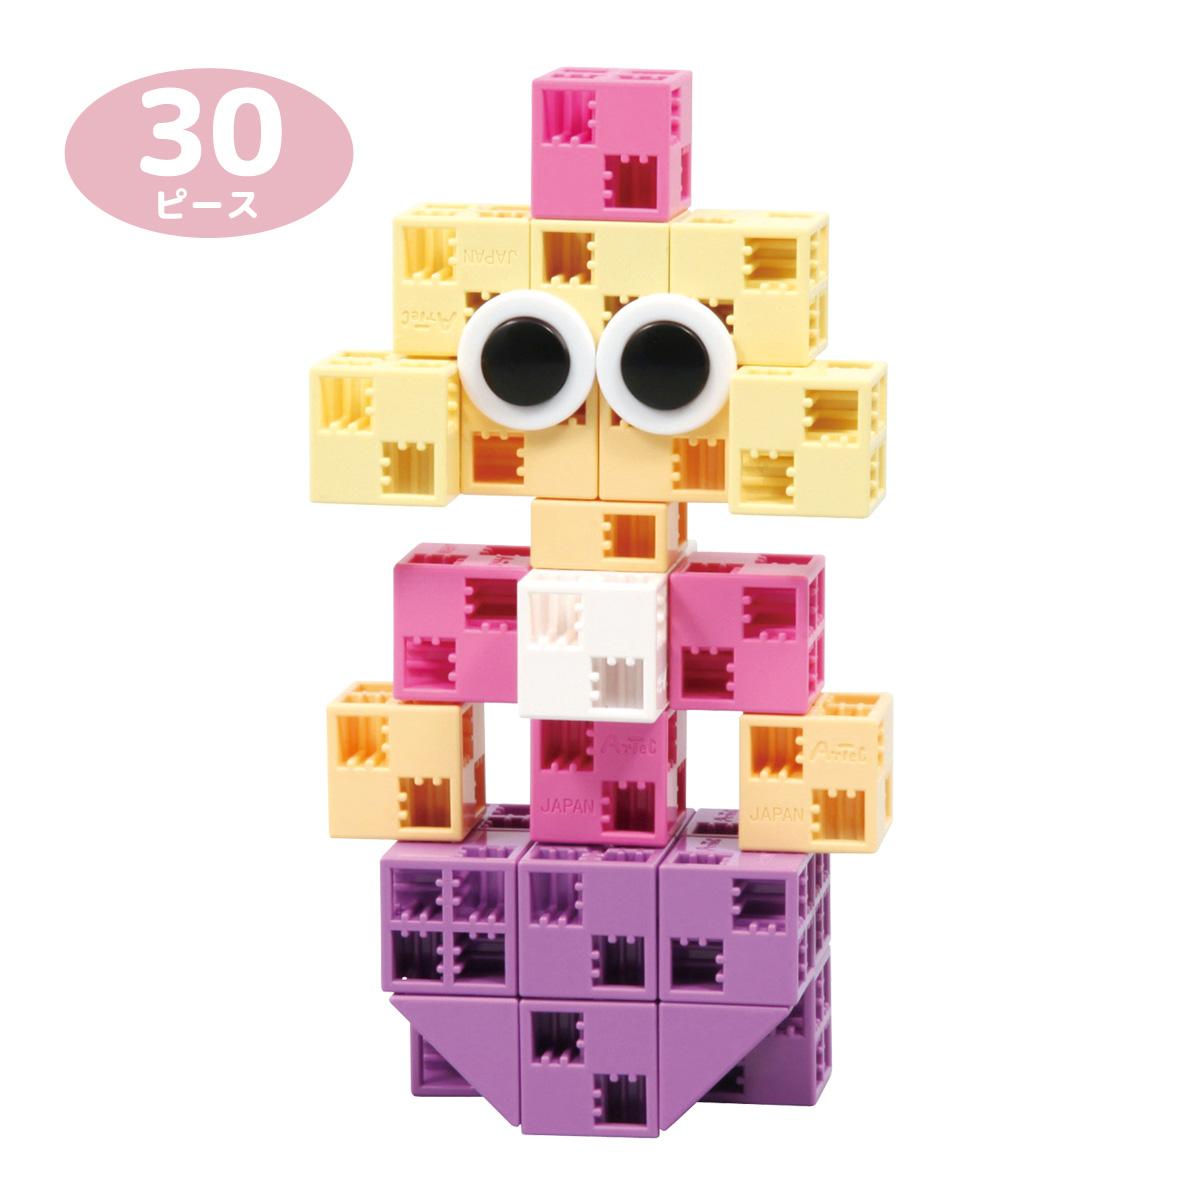 アーテックブロック おひめさま 30ピース PP袋入知育玩具 キッズ 幼児 パズル 工作 おもちゃ レゴ・レゴブロックのように遊べます